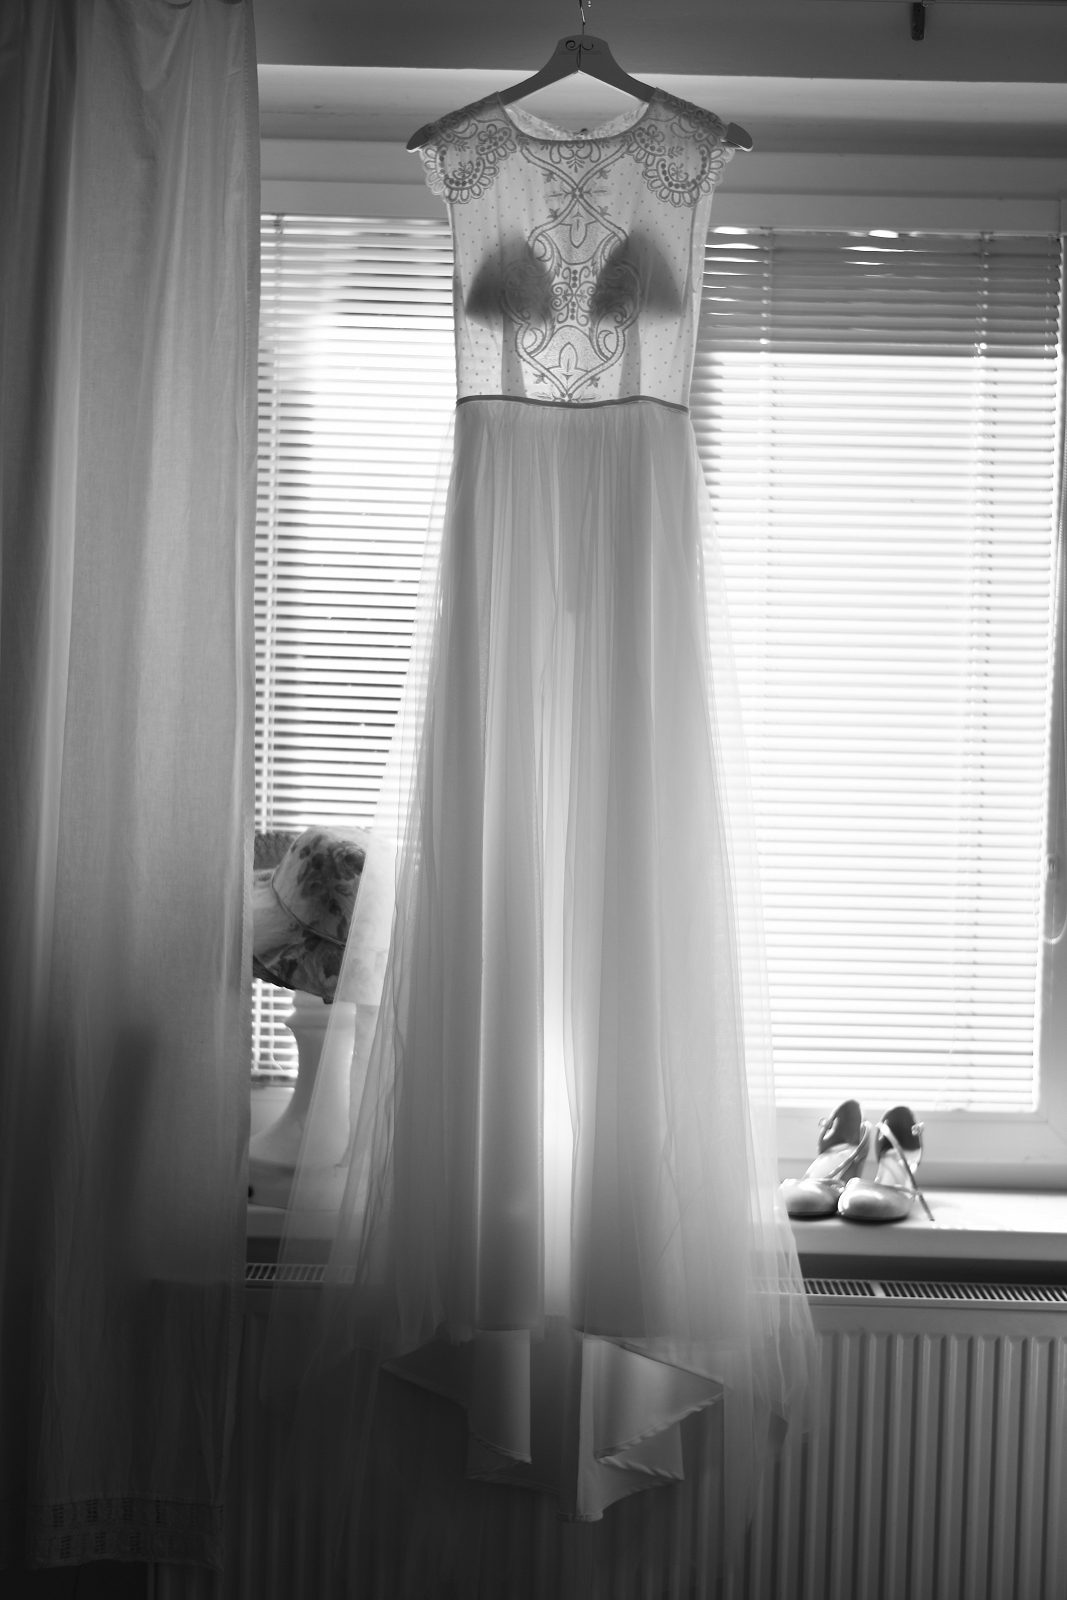 Svatební fotografie – reportážní přístup je ideální cestou